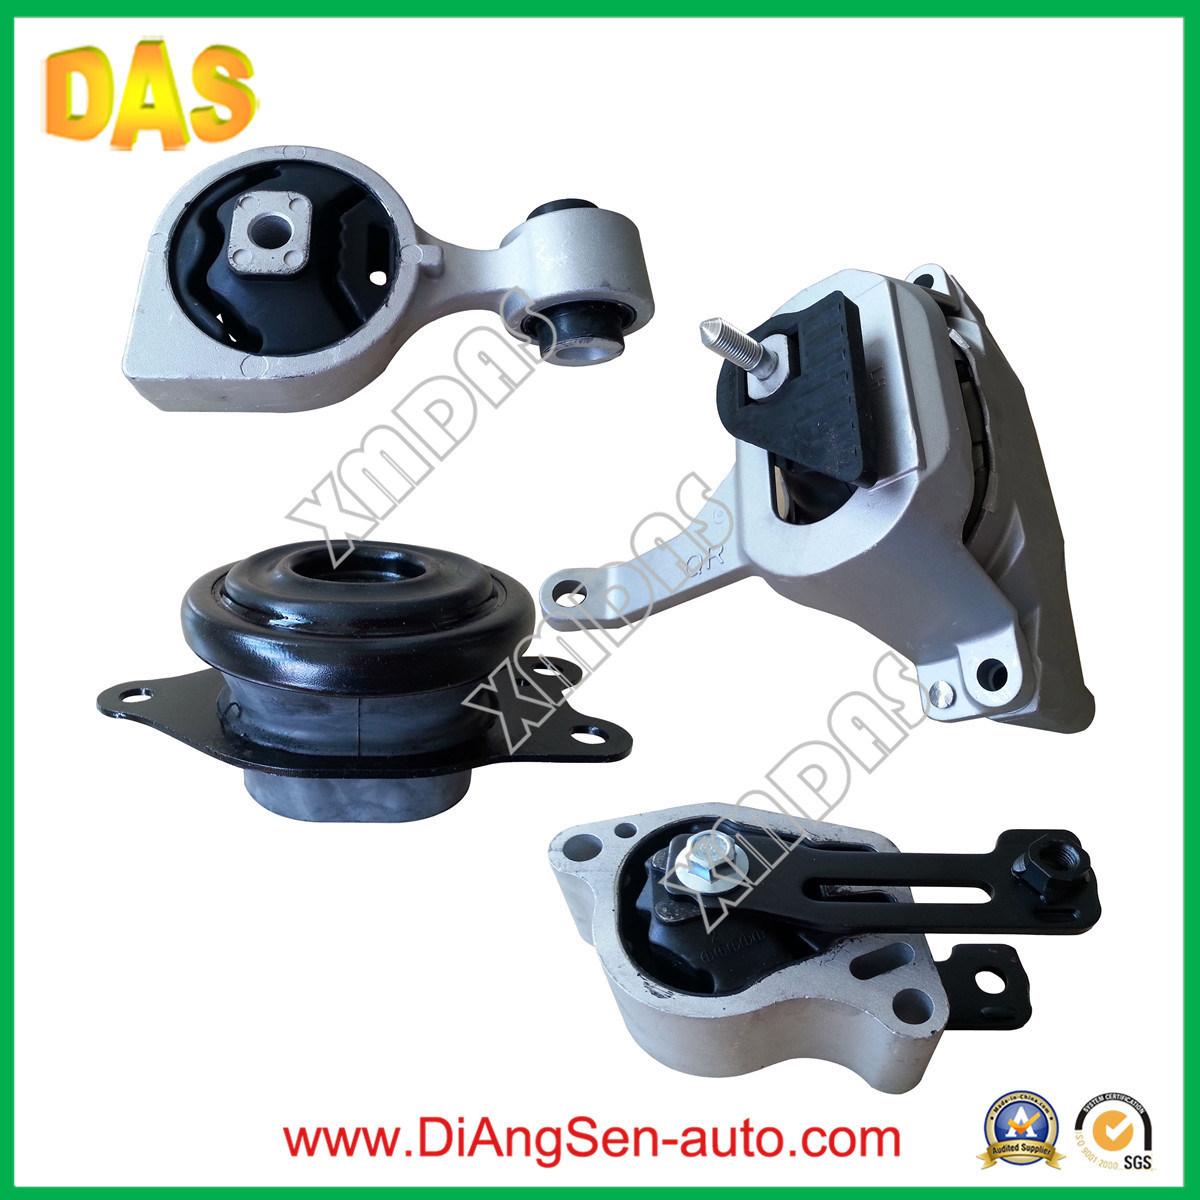 Auto/Car Spare Parts Engine Mounting for Nissan Altima 2.5L 2007-2012 (11210-JA000, 11350-JA000, 11220-JA000, 11360-JA000)